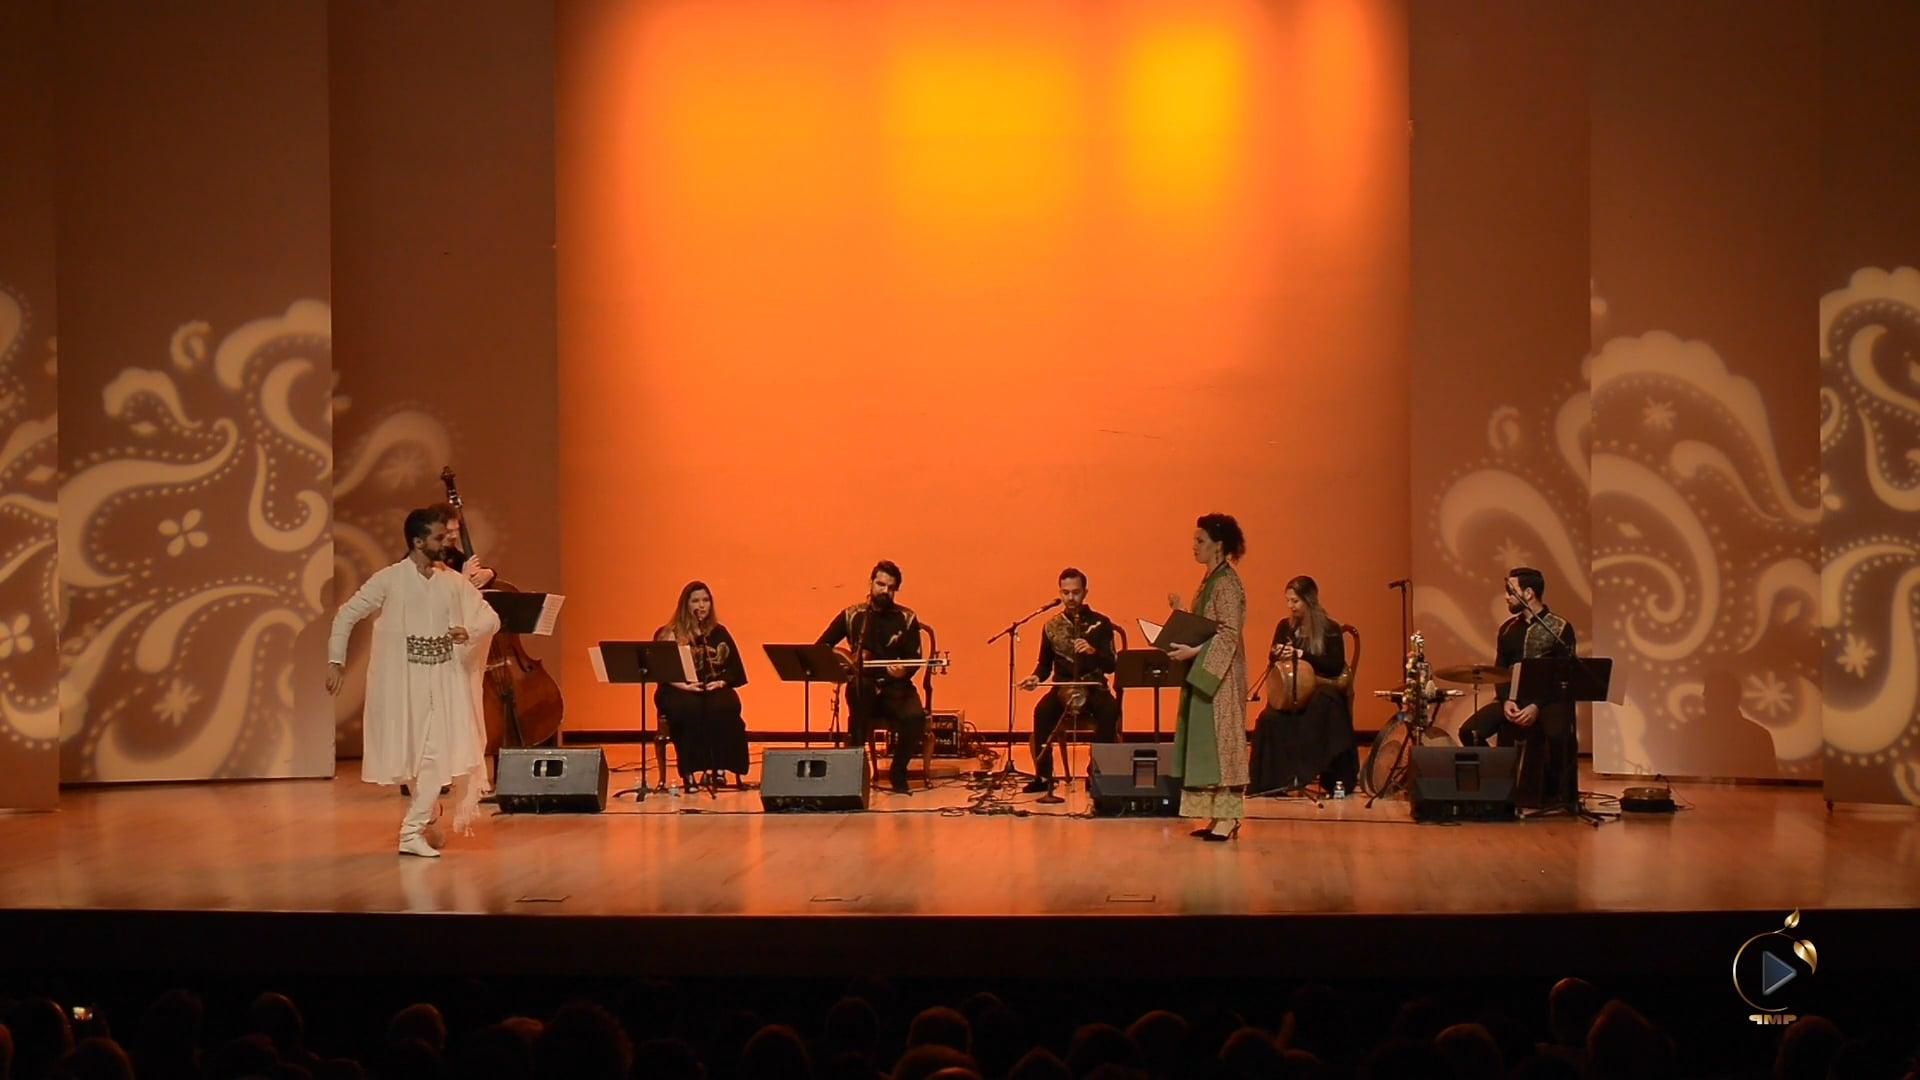 کنسرت «مهر به مهر» از گروه کوبانگ